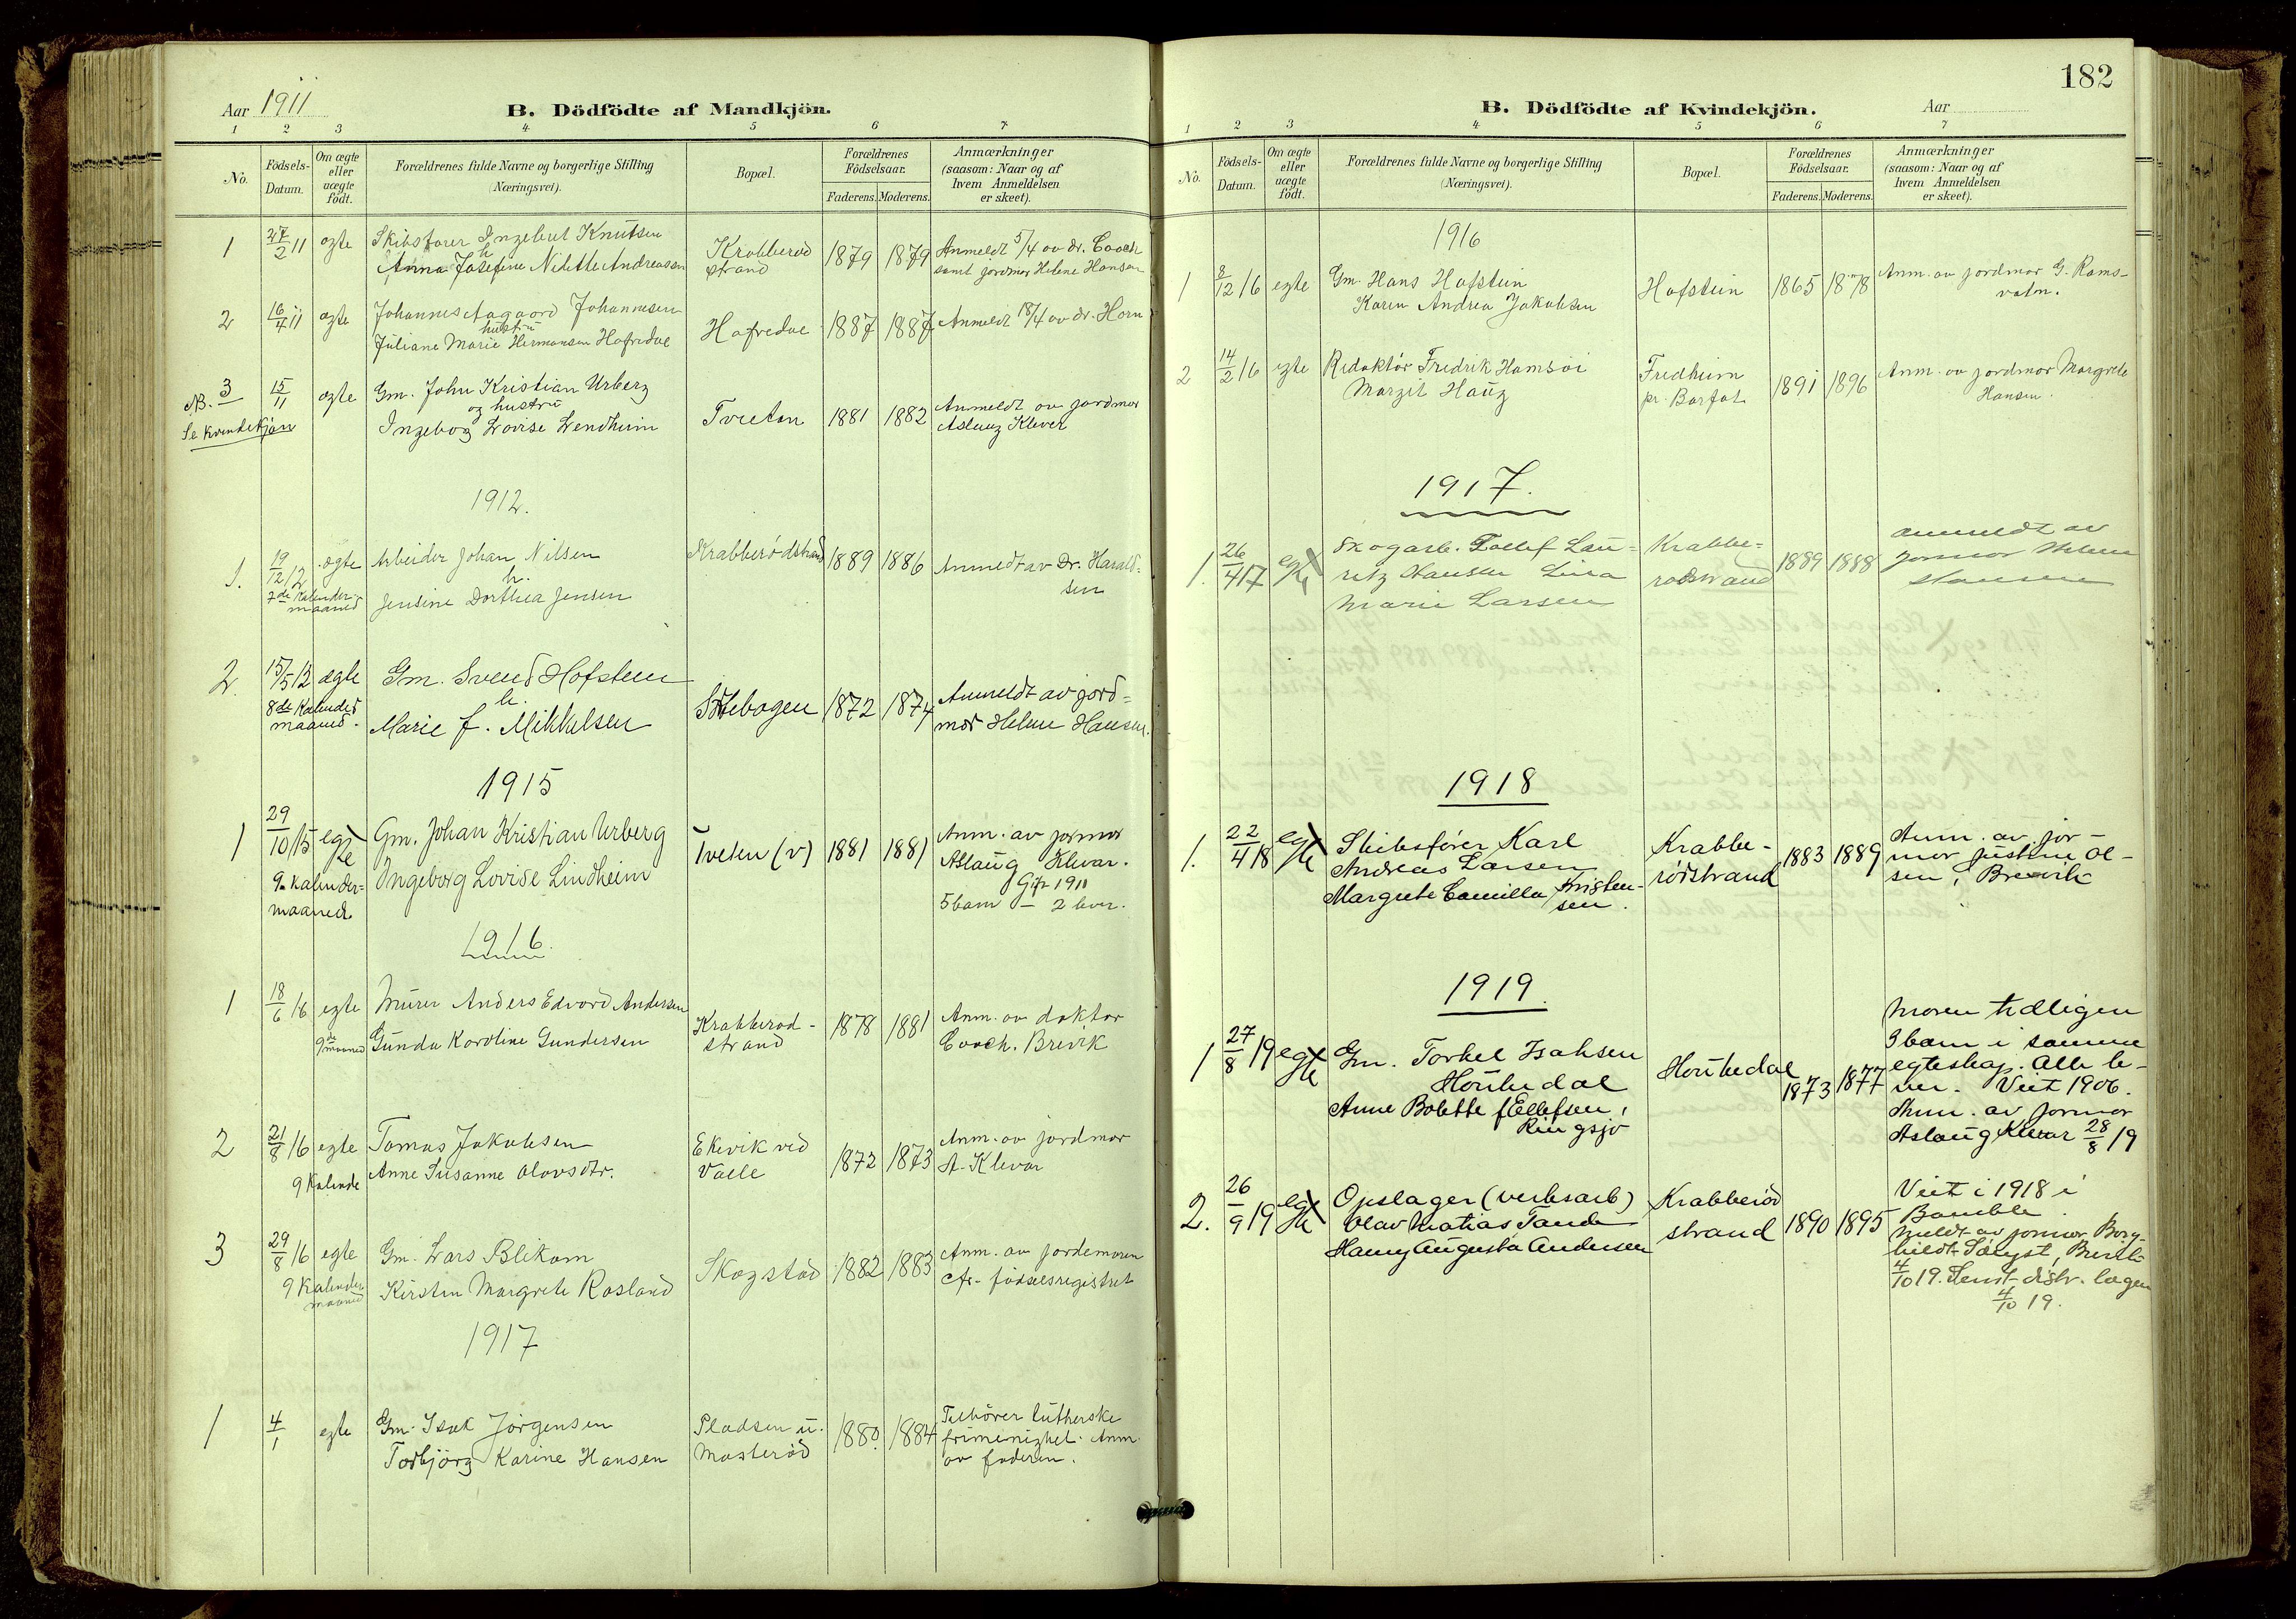 SAKO, Bamble kirkebøker, G/Ga/L0010: Klokkerbok nr. I 10, 1901-1919, s. 182